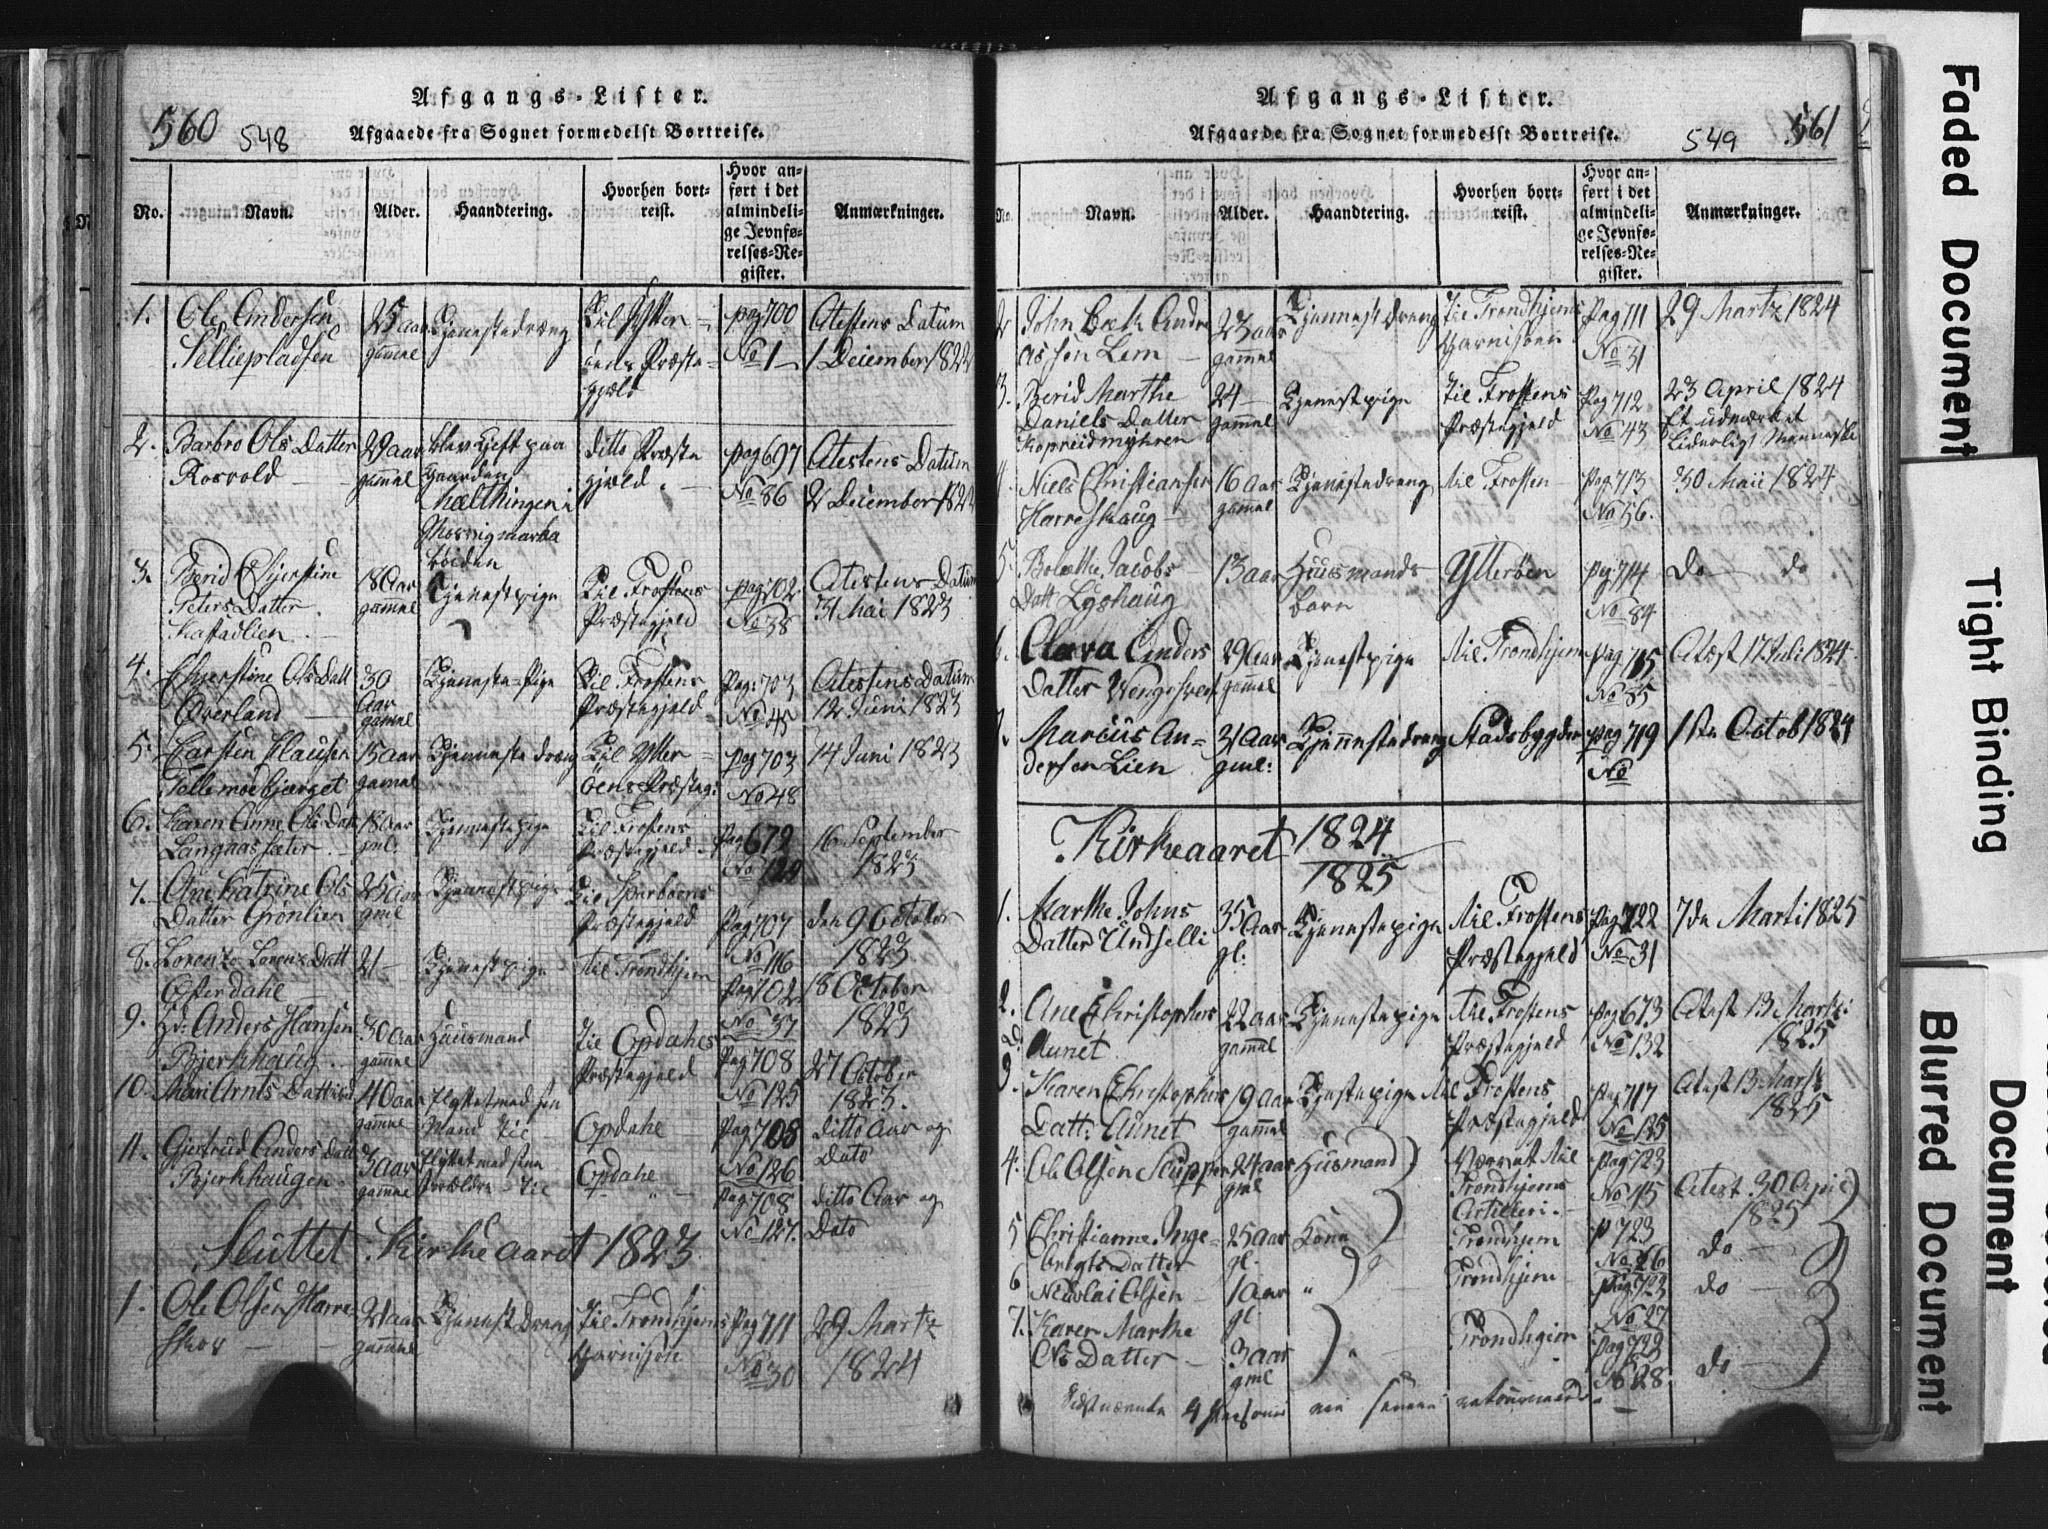 SAT, Ministerialprotokoller, klokkerbøker og fødselsregistre - Nord-Trøndelag, 701/L0017: Klokkerbok nr. 701C01, 1817-1825, s. 548-549